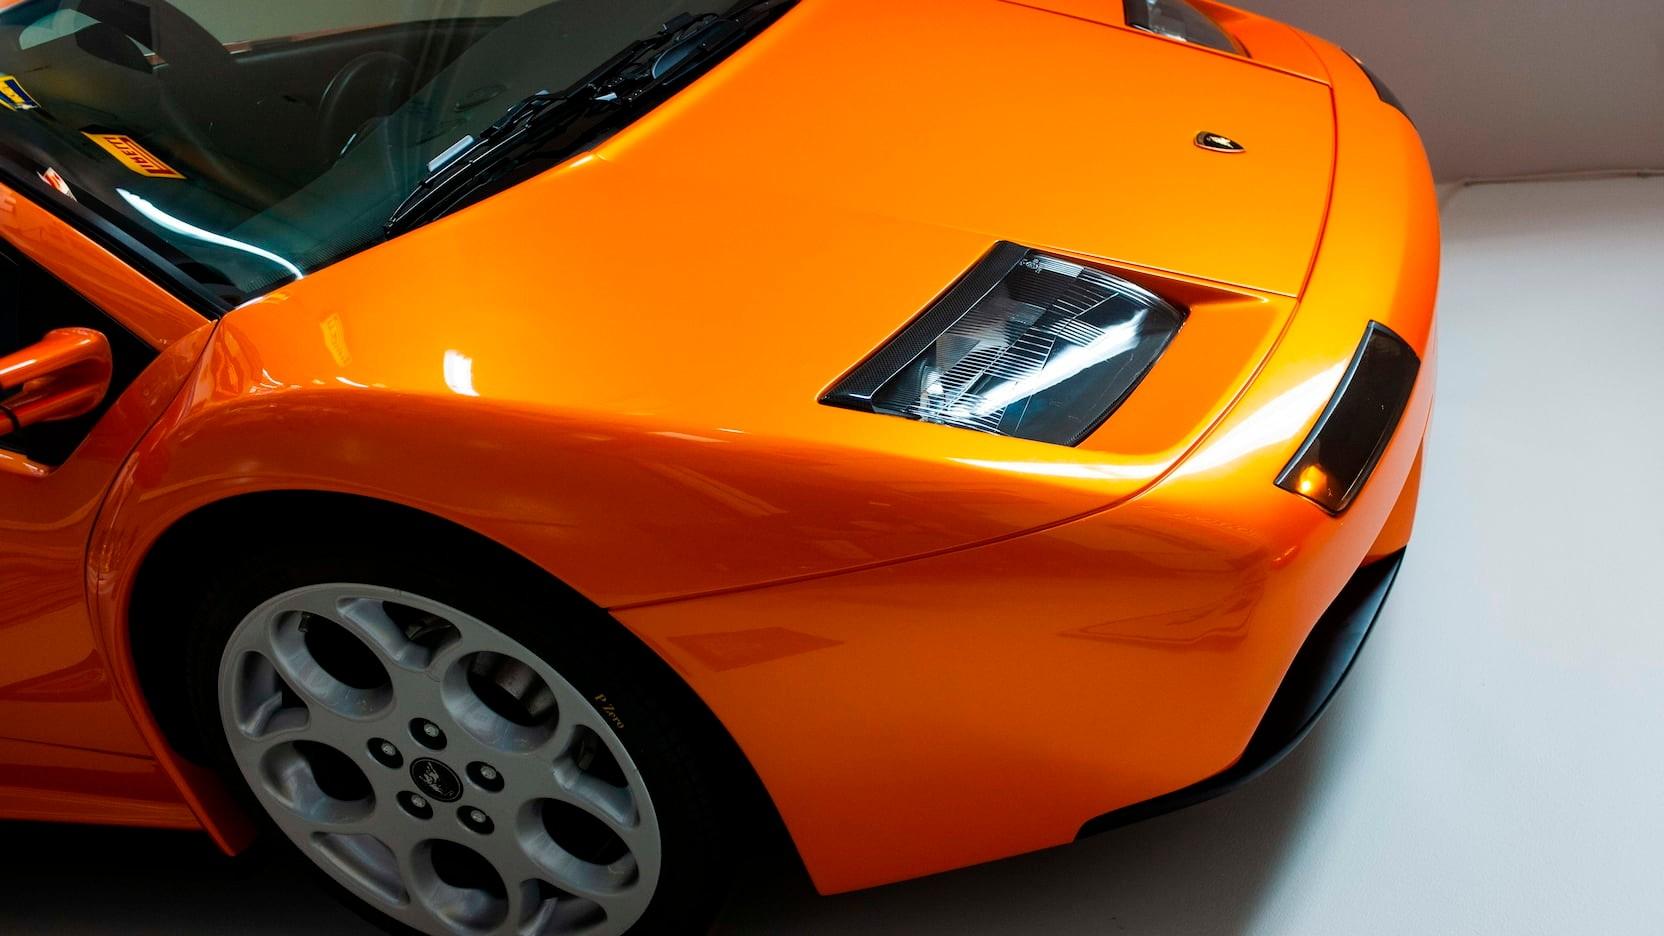 Lamborghini-Diablo-VT-for-wall-4